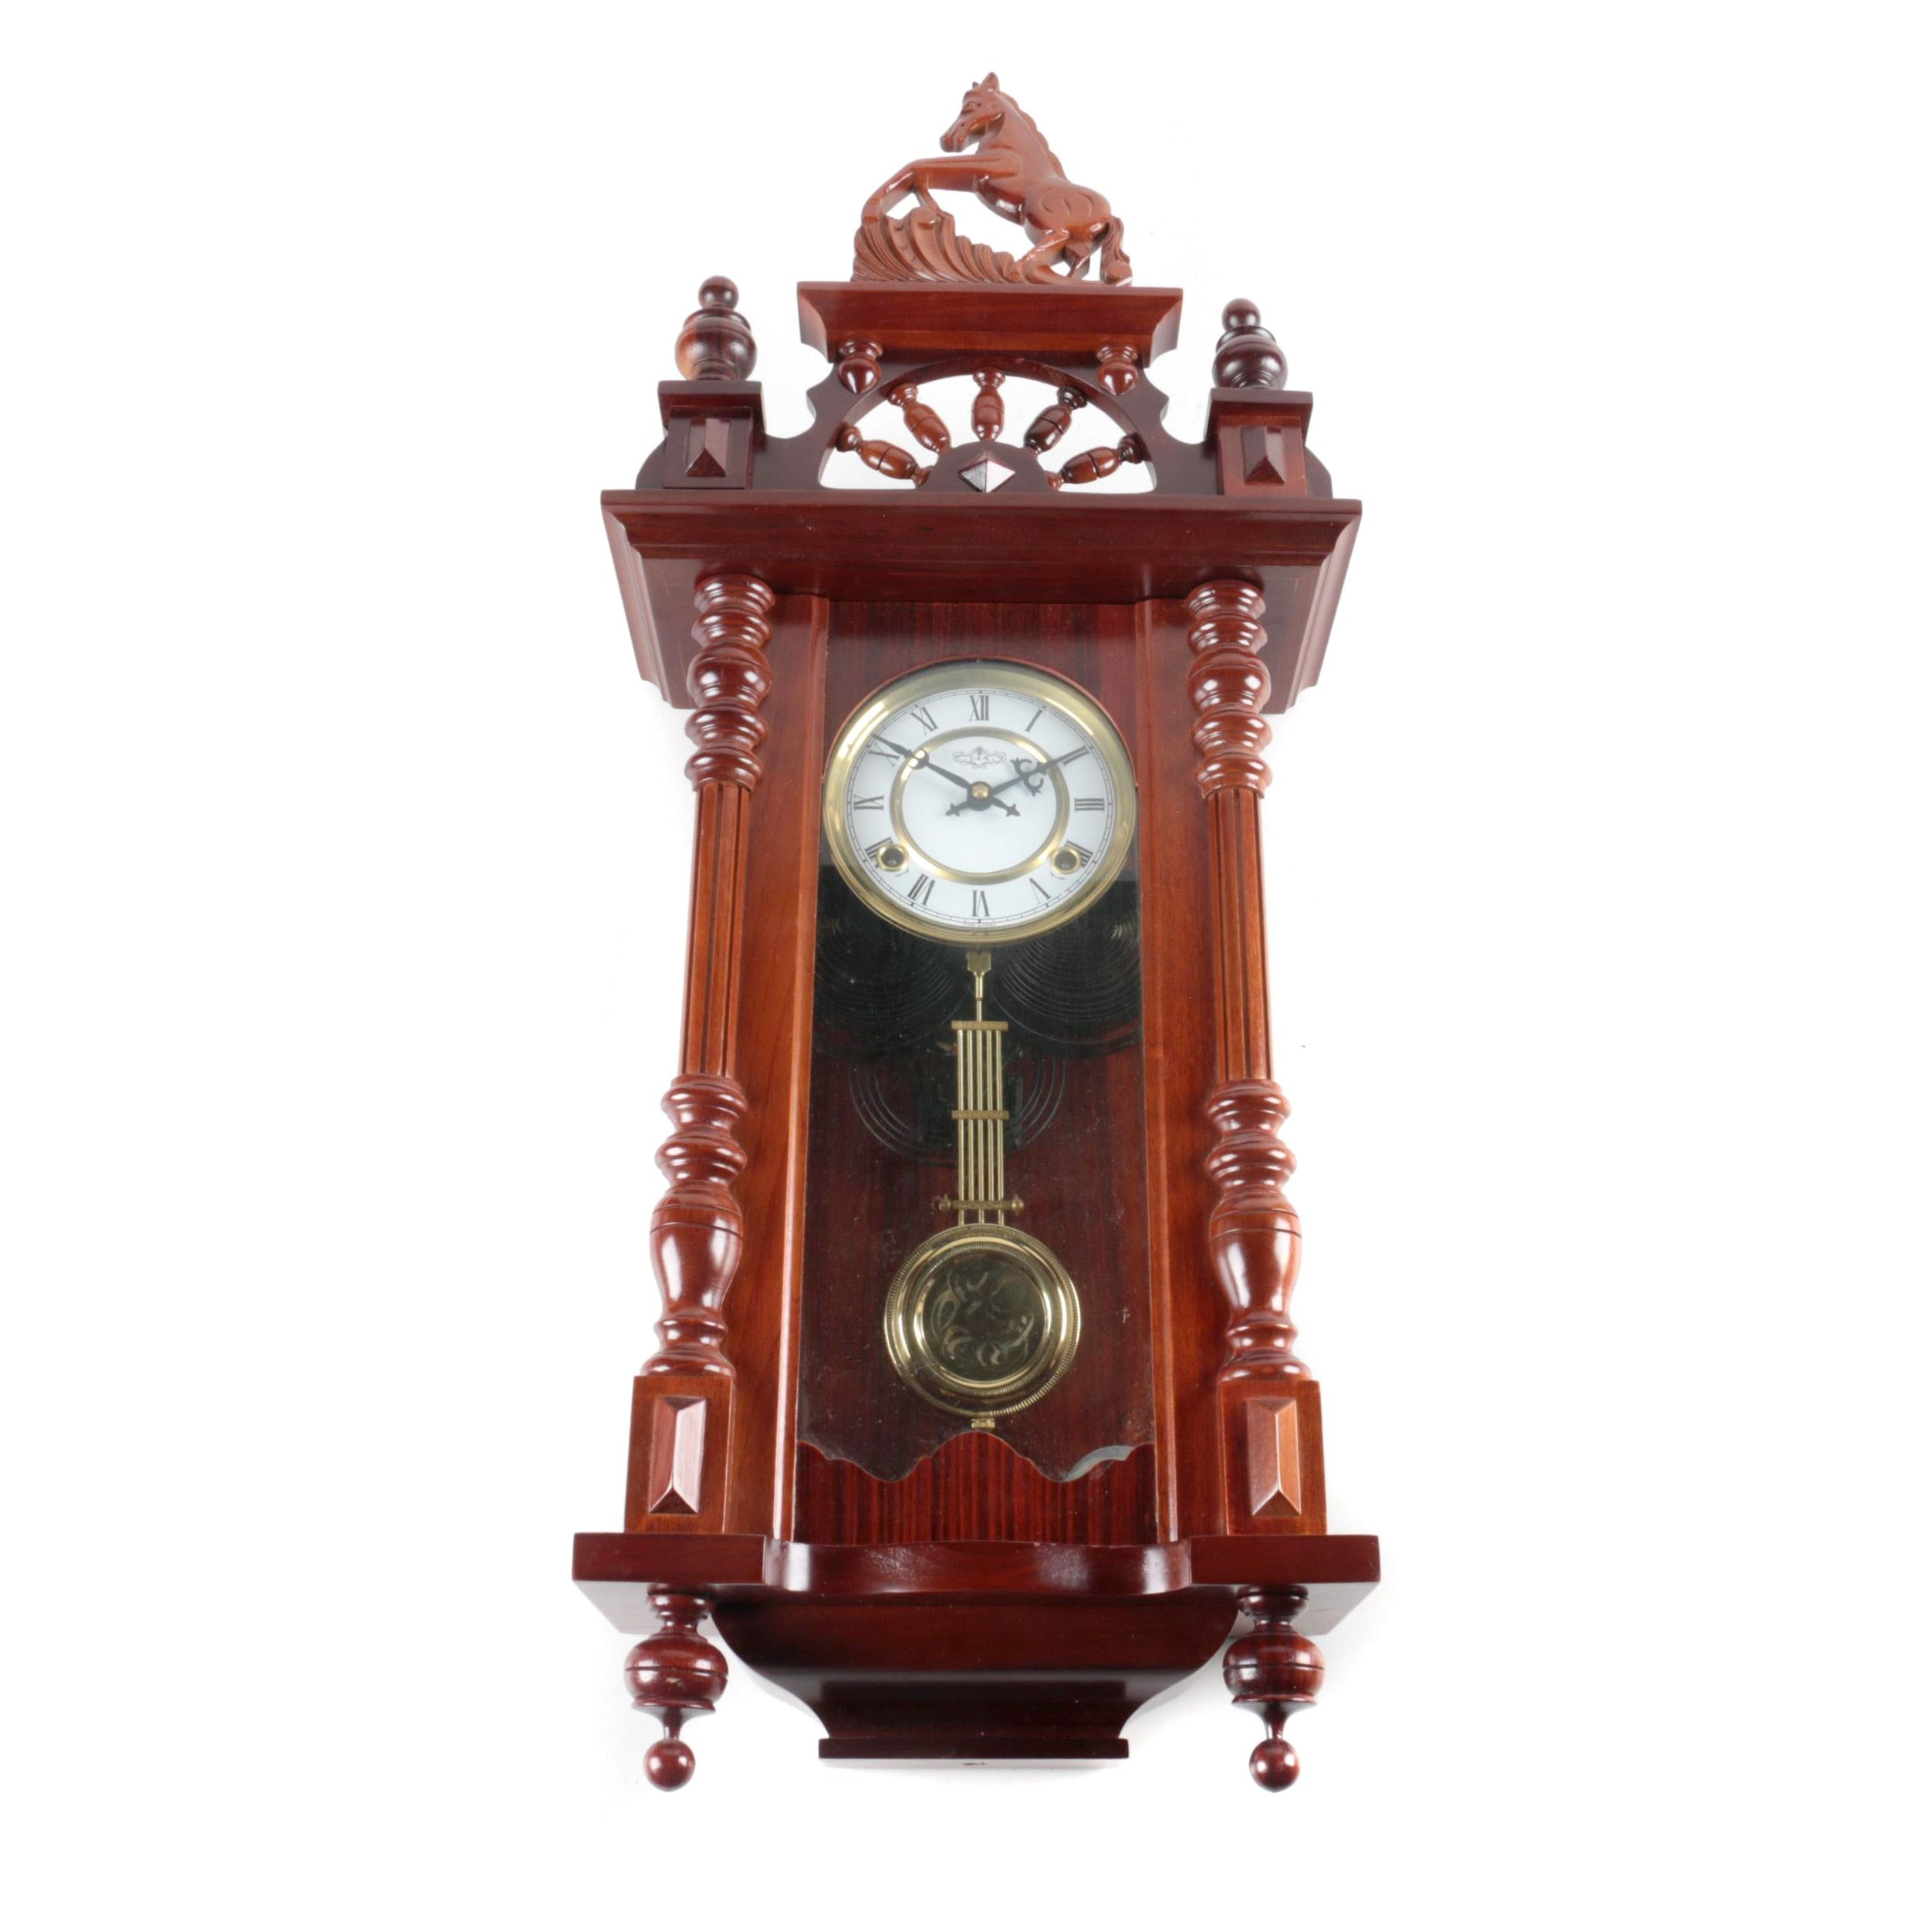 D & A Pendulum Wall Clock